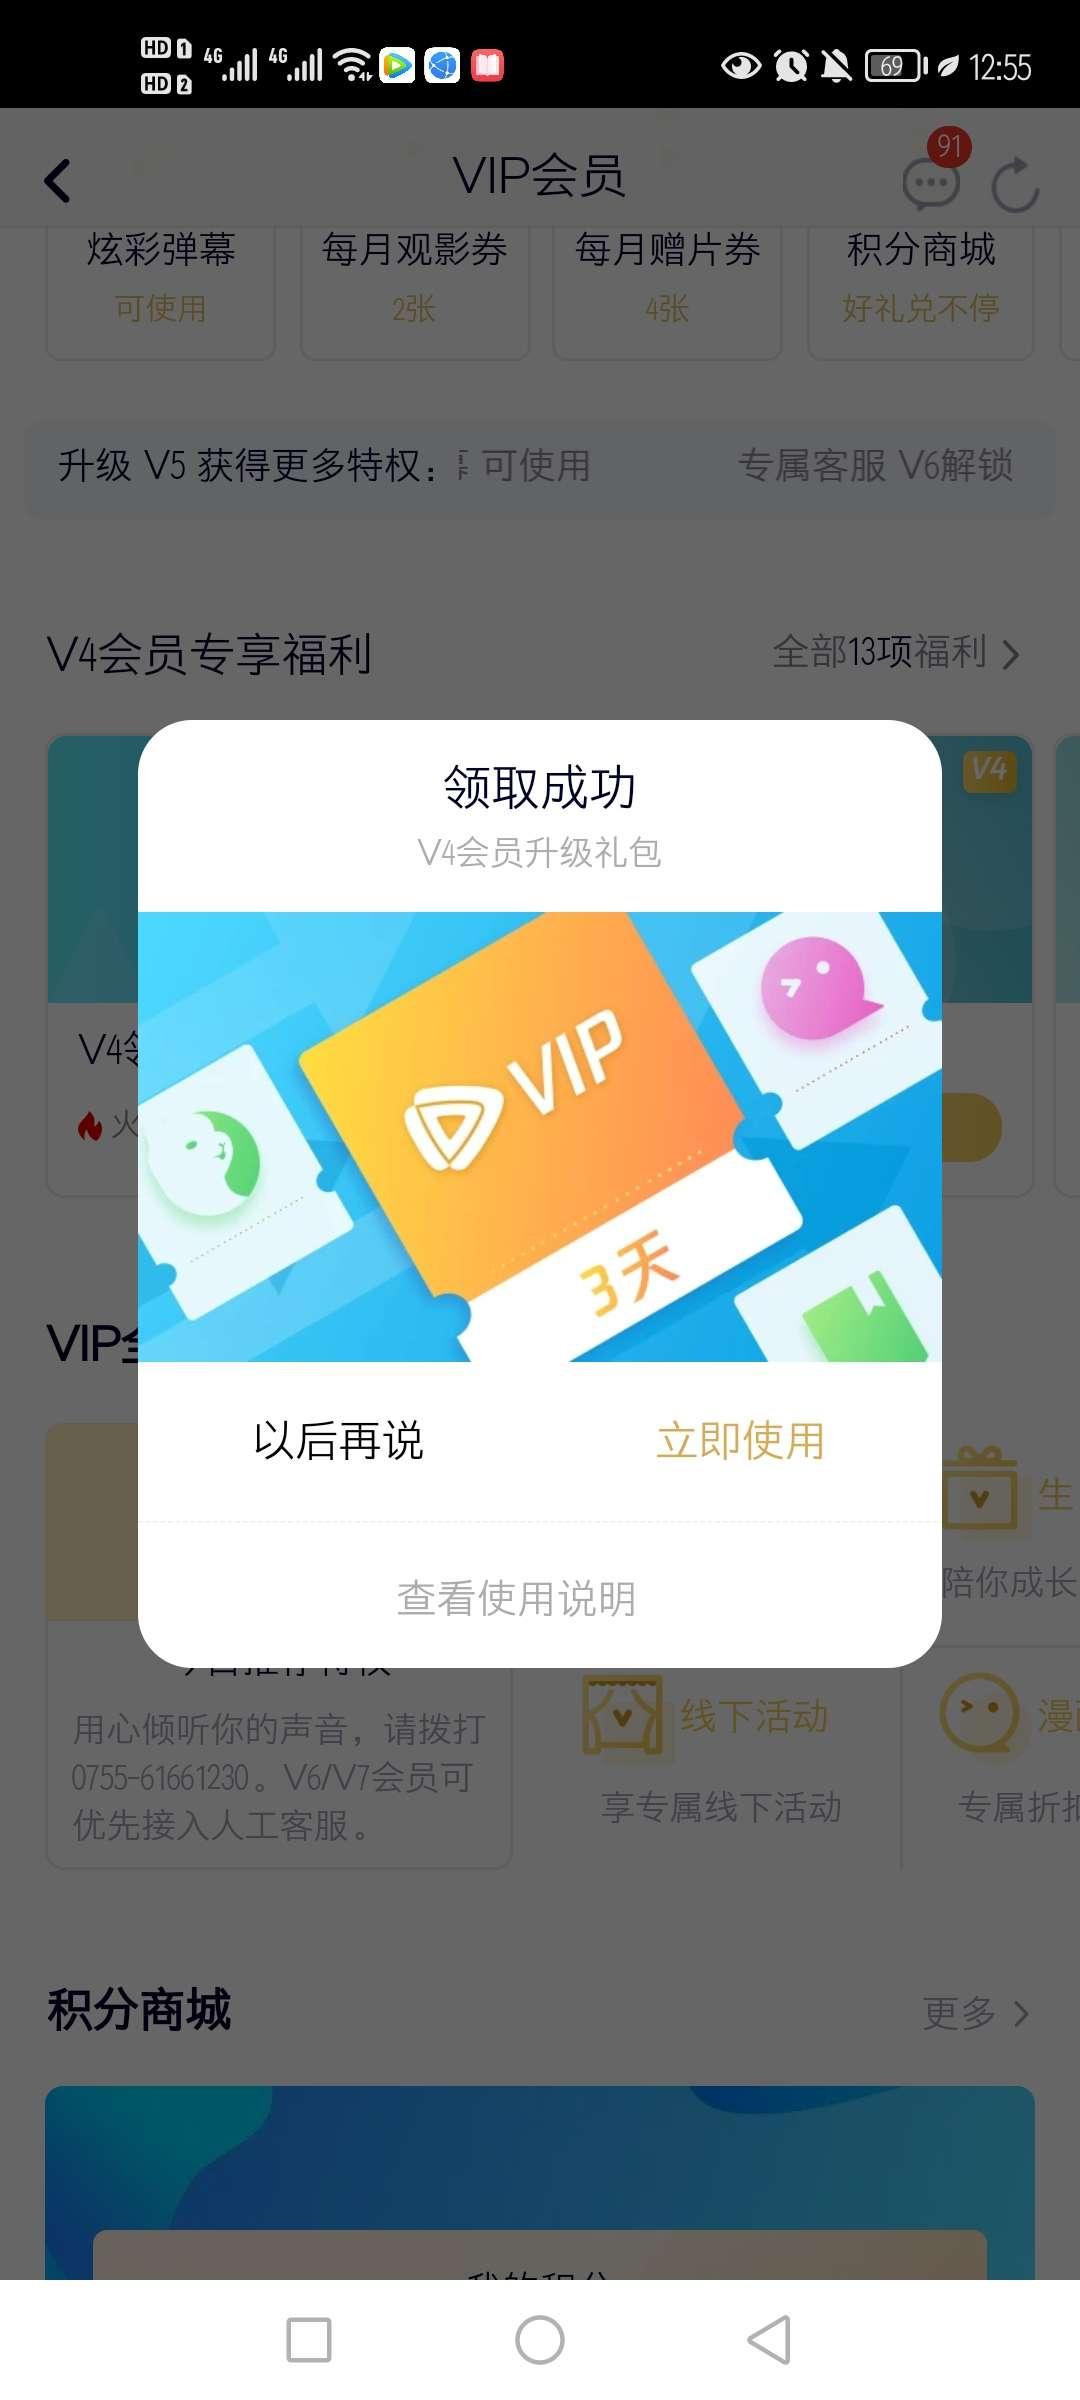 腾讯视频vip领会员虚拟物品插图1